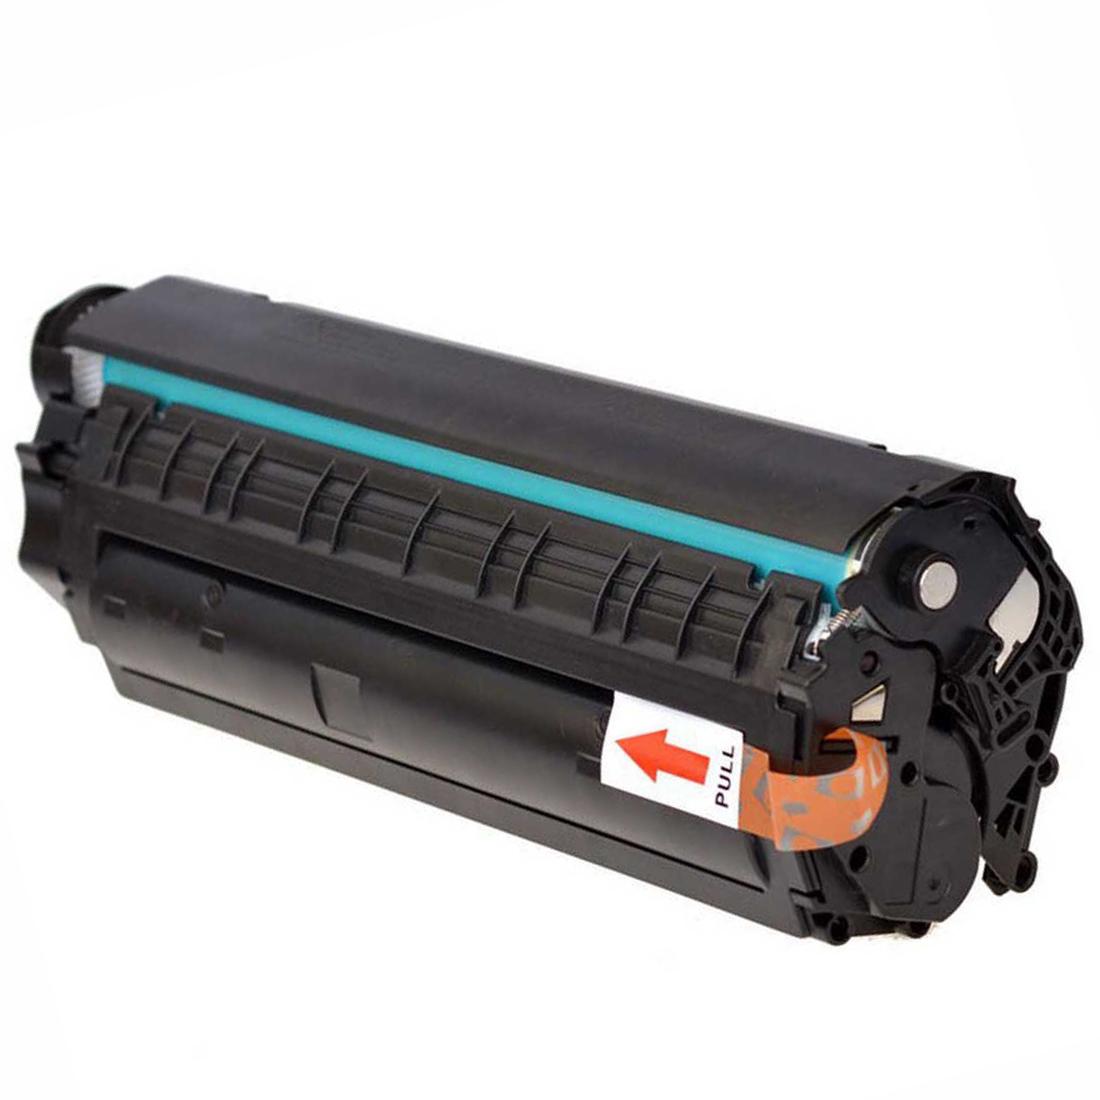 Q2612a 12a Hp Compatible 1010 1012 1 End 4 30 2020 857 Pm Toner Cartridge 1020 1015 1018 1022